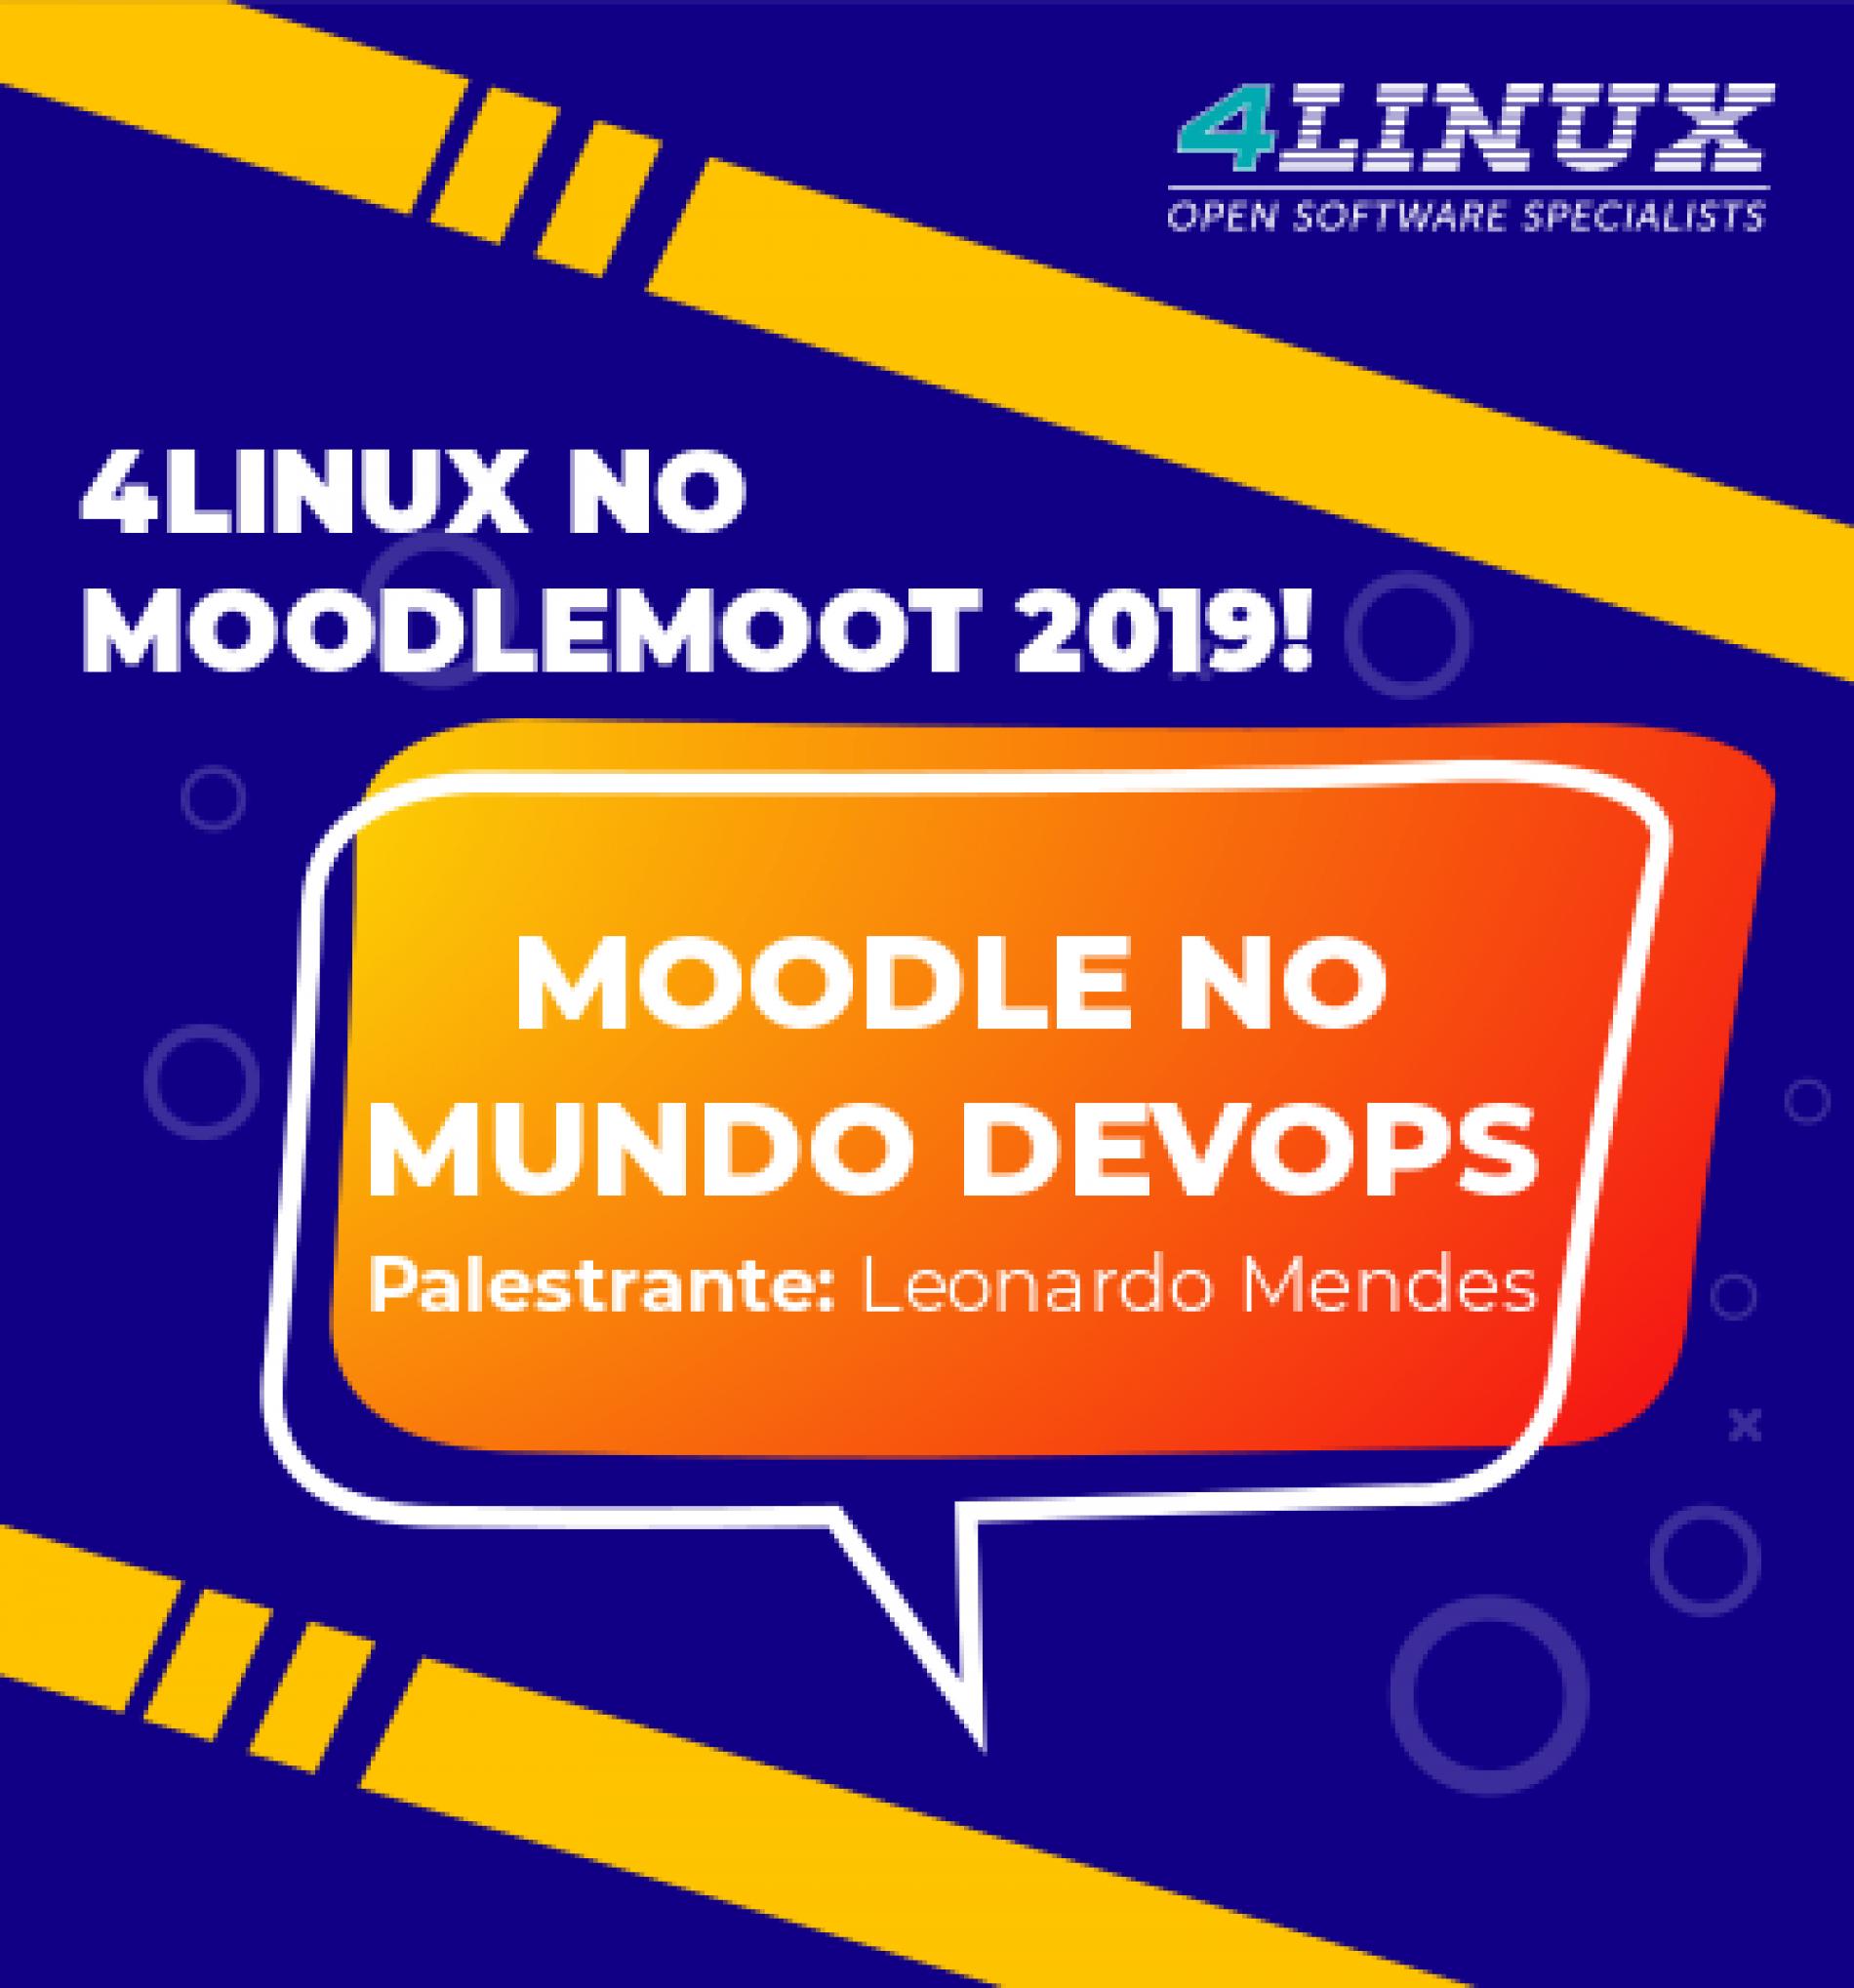 4Linux na 19º edição do MoodleMoot